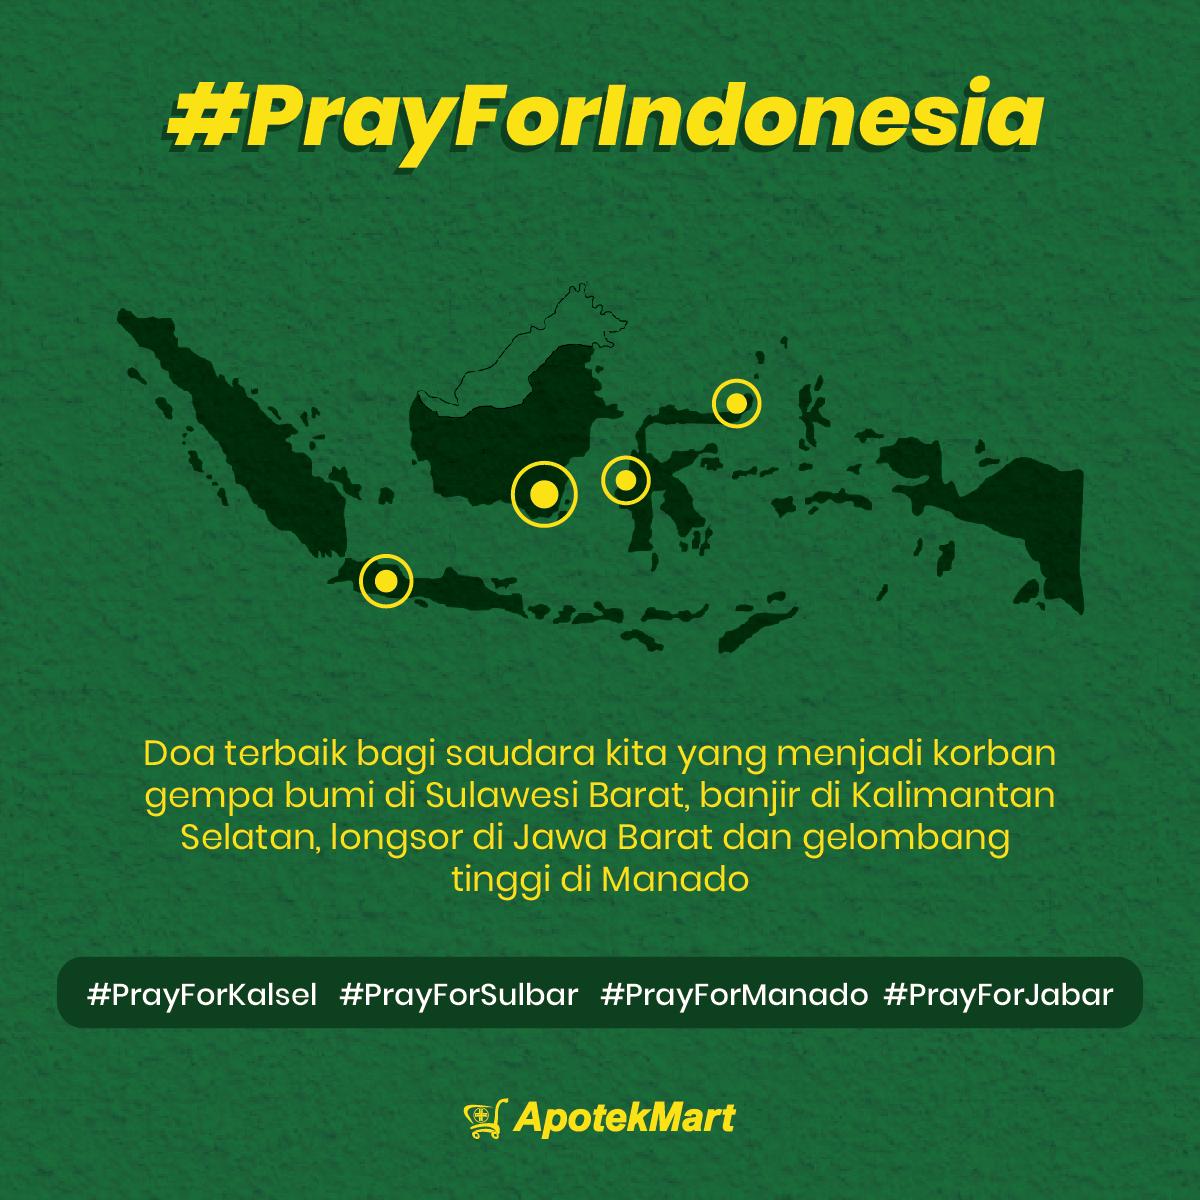 Semoga saudara kita yang tertimpa bencana dilimpahkan kesehatan, kekuatan dan perlindungan dari Allah SWT.  Lekas pulih Indonesia.  #PrayForIndonesia #PrayForKalSel #PrayForManado #PrayForSumedang #PrayForSulBar #PrayForMerapi #PrayForSemeru #PrayForJabar #Apotekmart